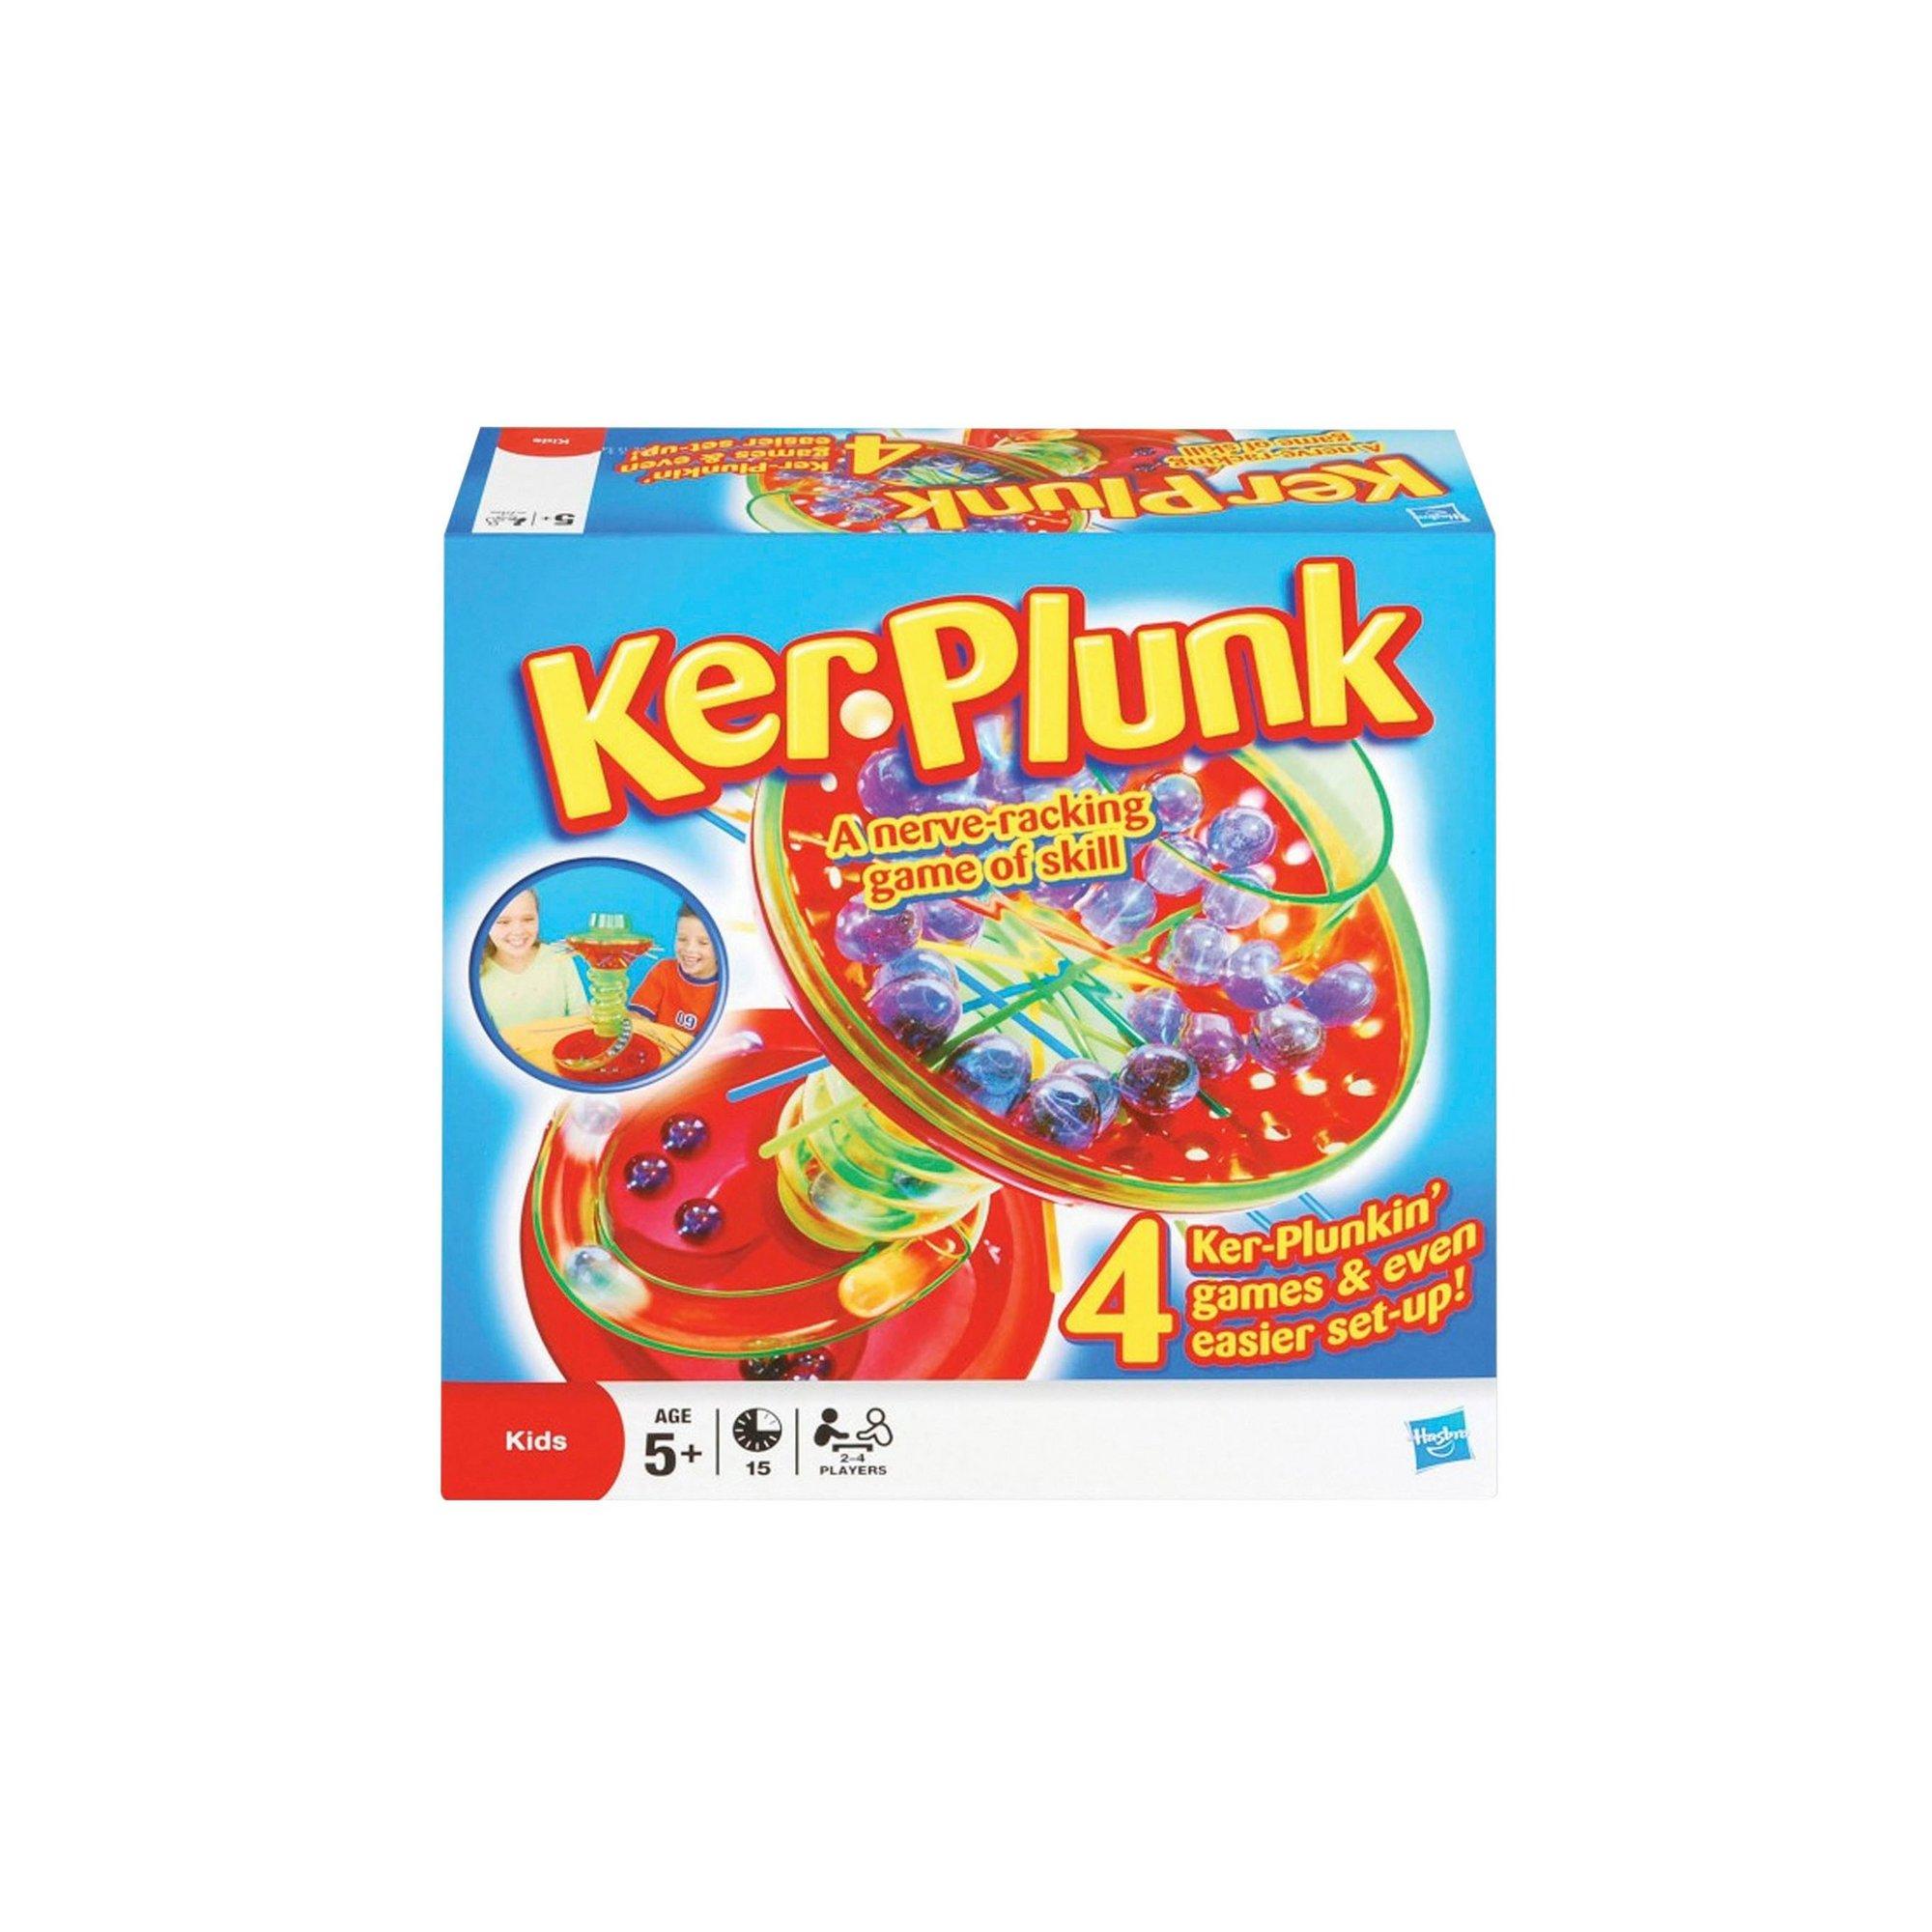 Image of Hasbro KerPlunk